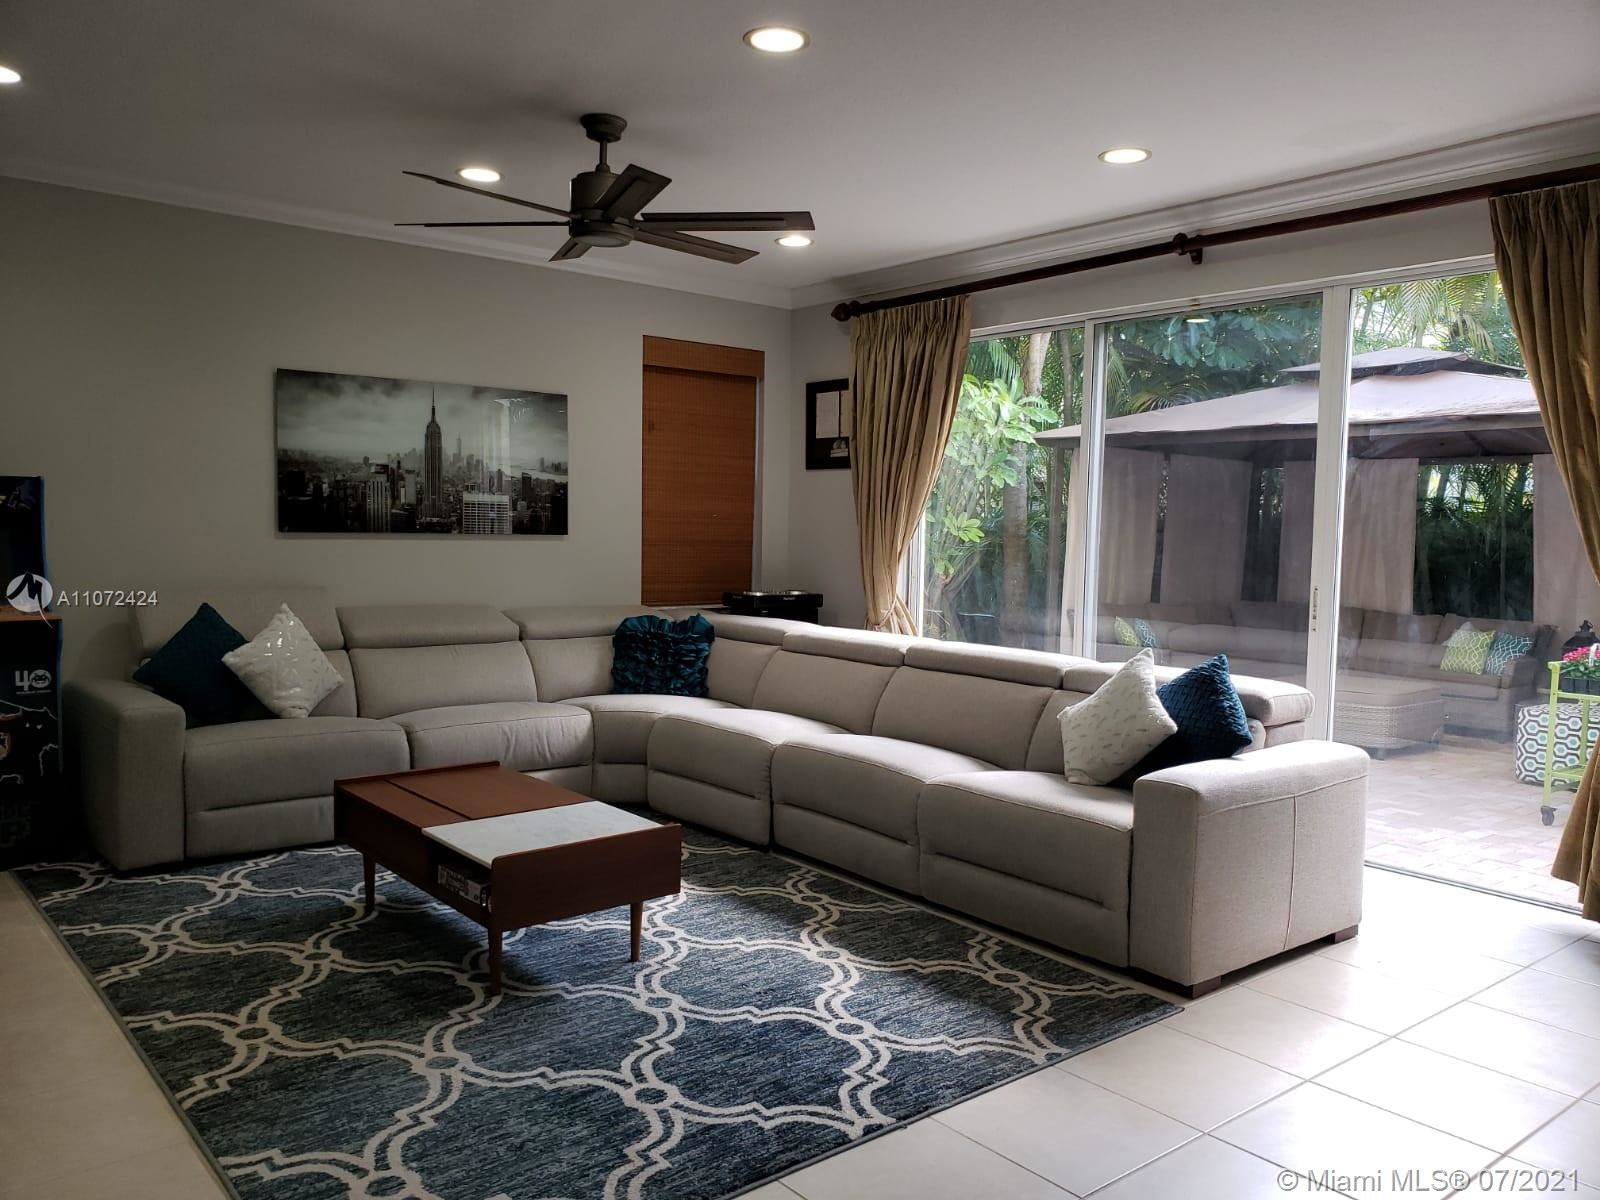 5271 SW 159th Ave, Miramar, FL 33027 - #: A11072424